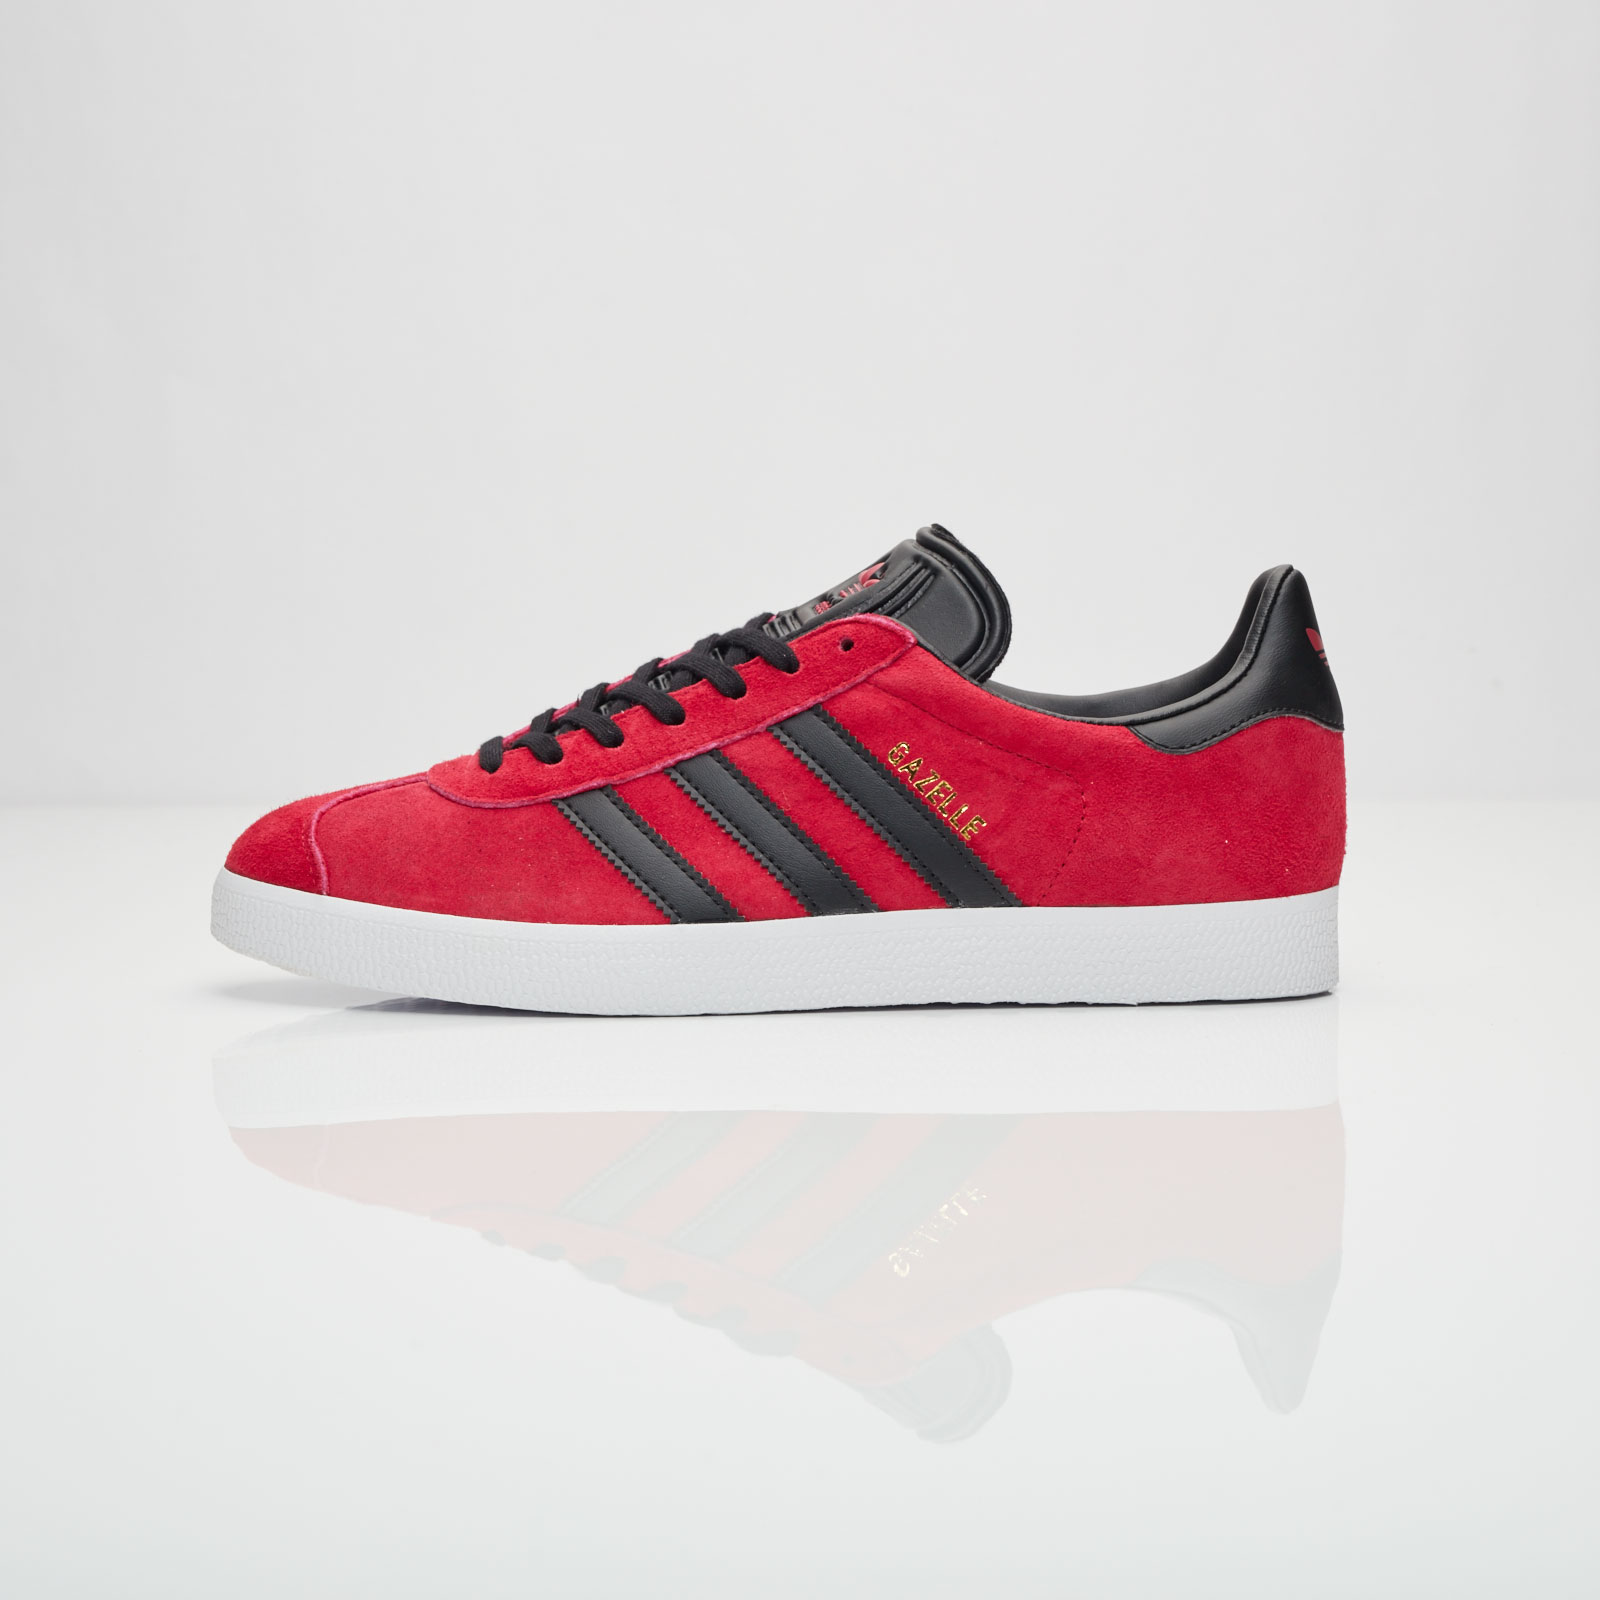 Adidas bb5488 scarpe da ginnasticanstuff scarpe adidas gazzella